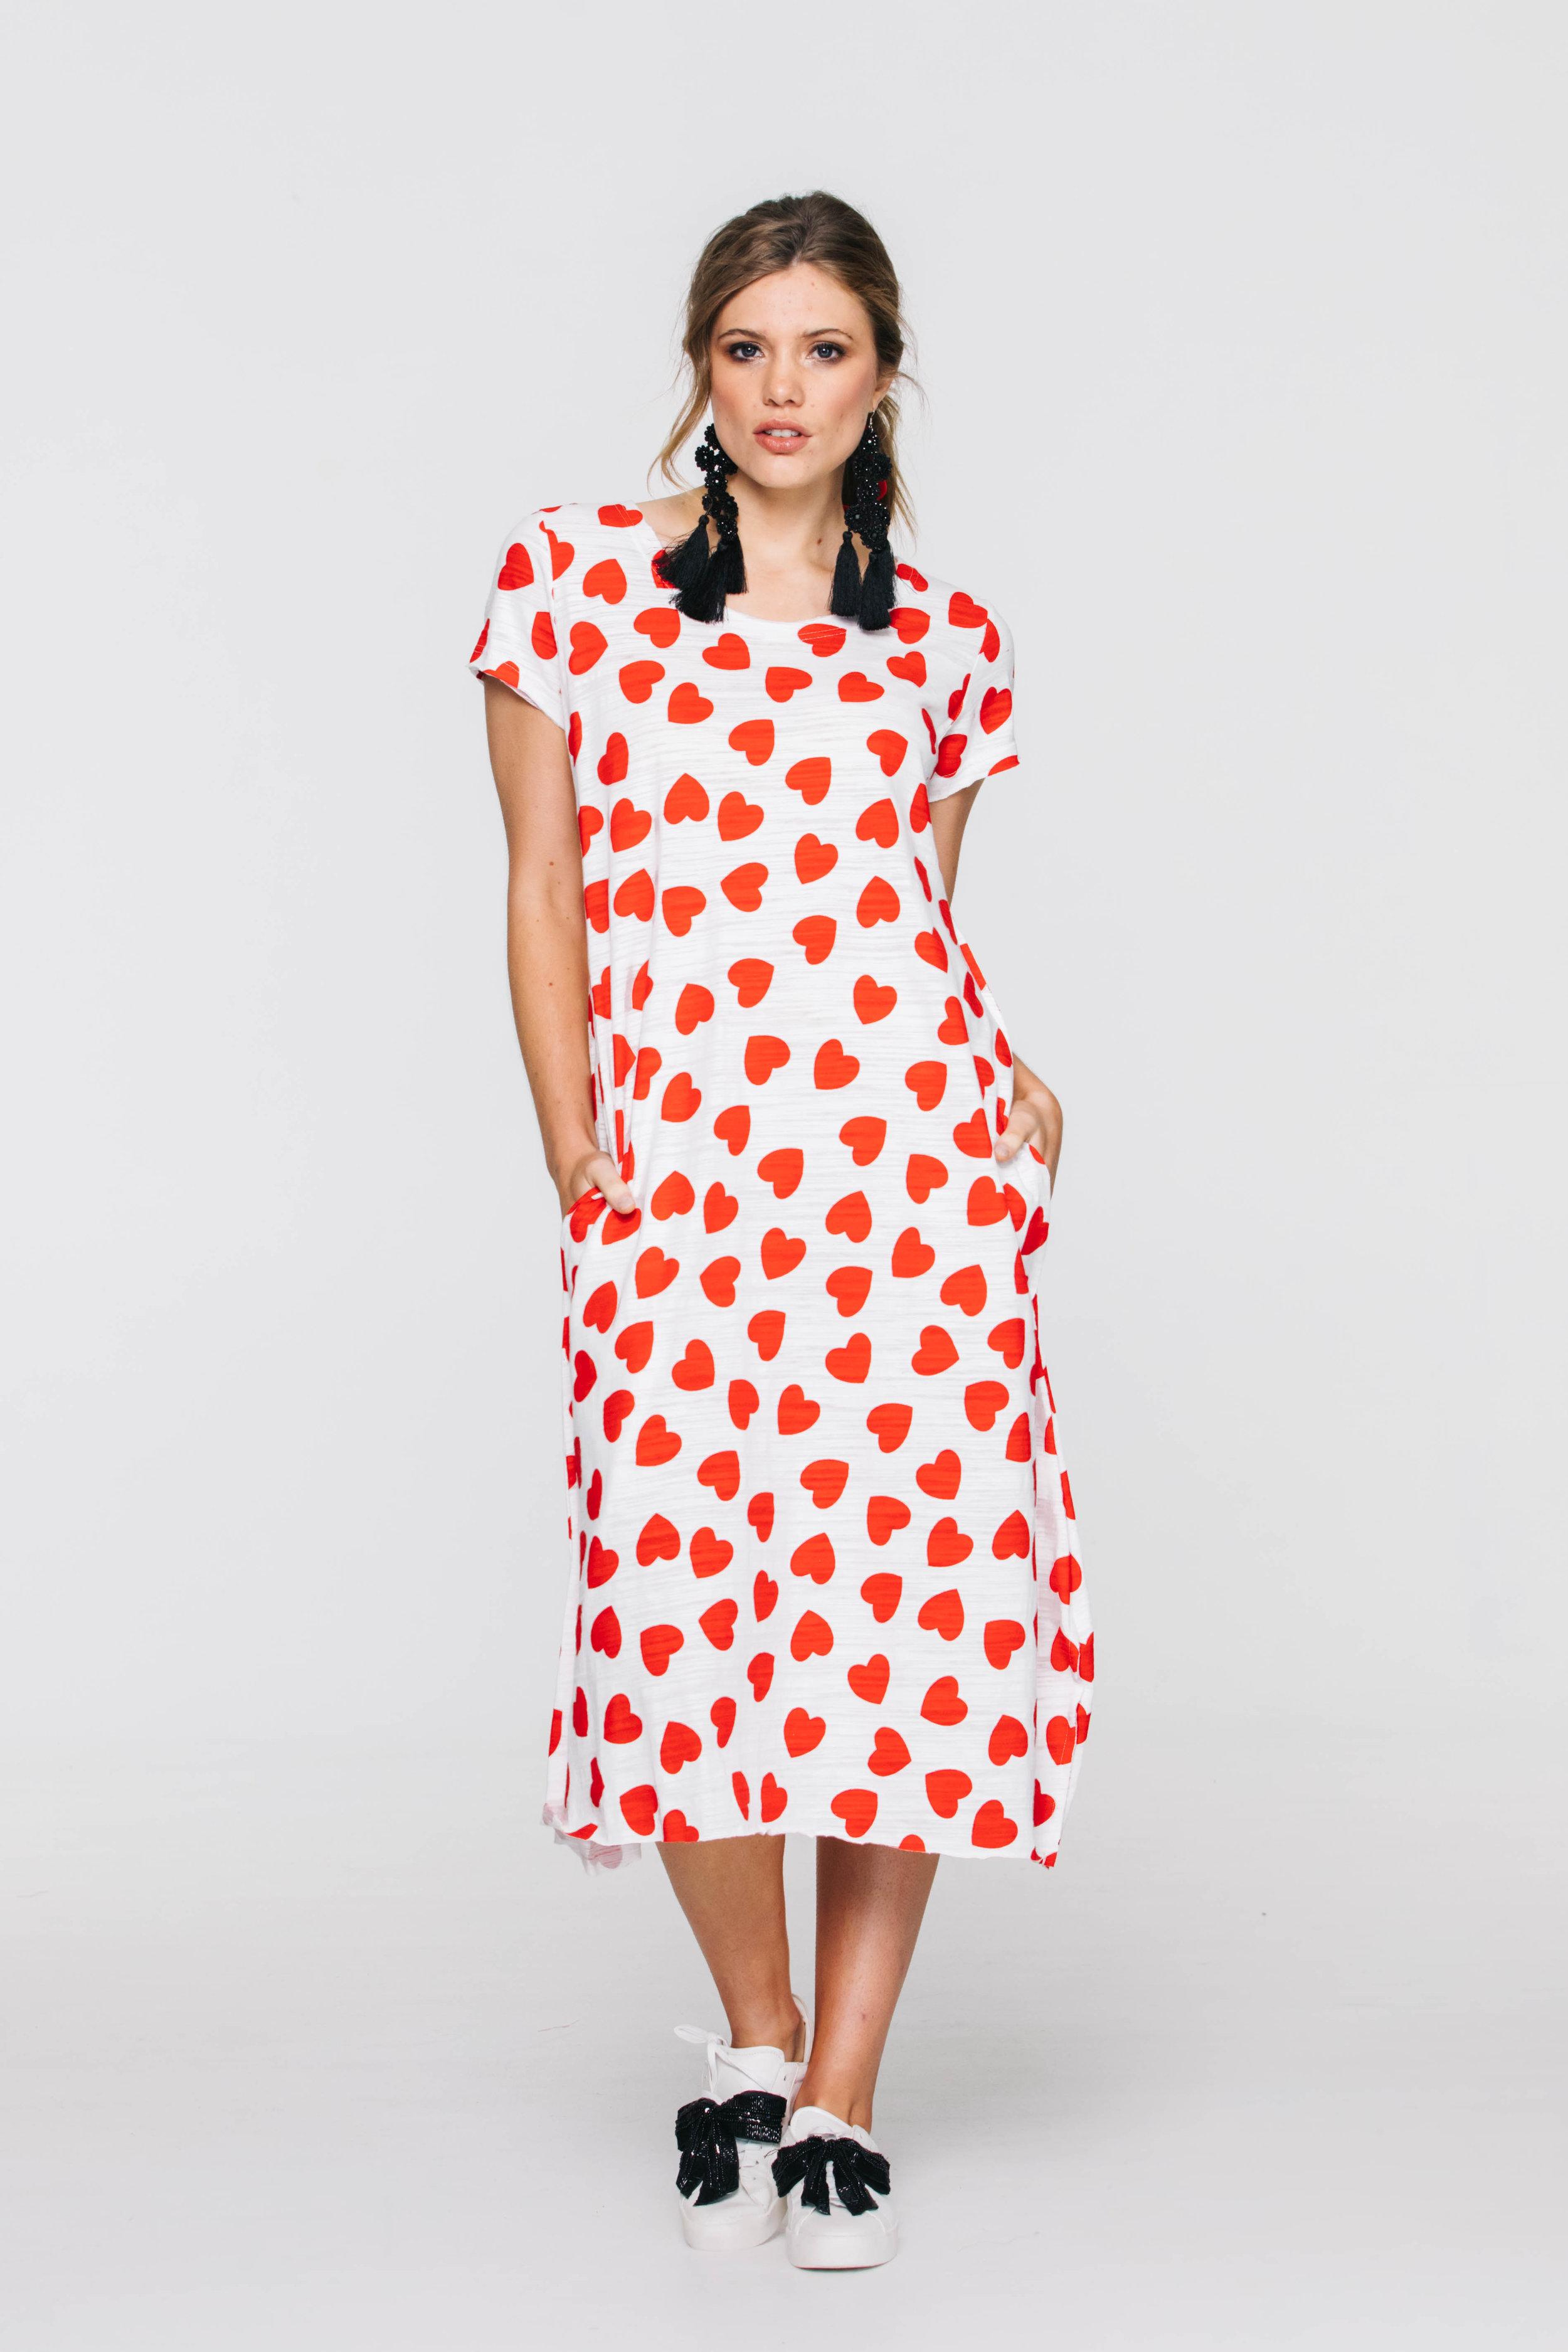 6266V Solace TShirt Dress, Love Hearts